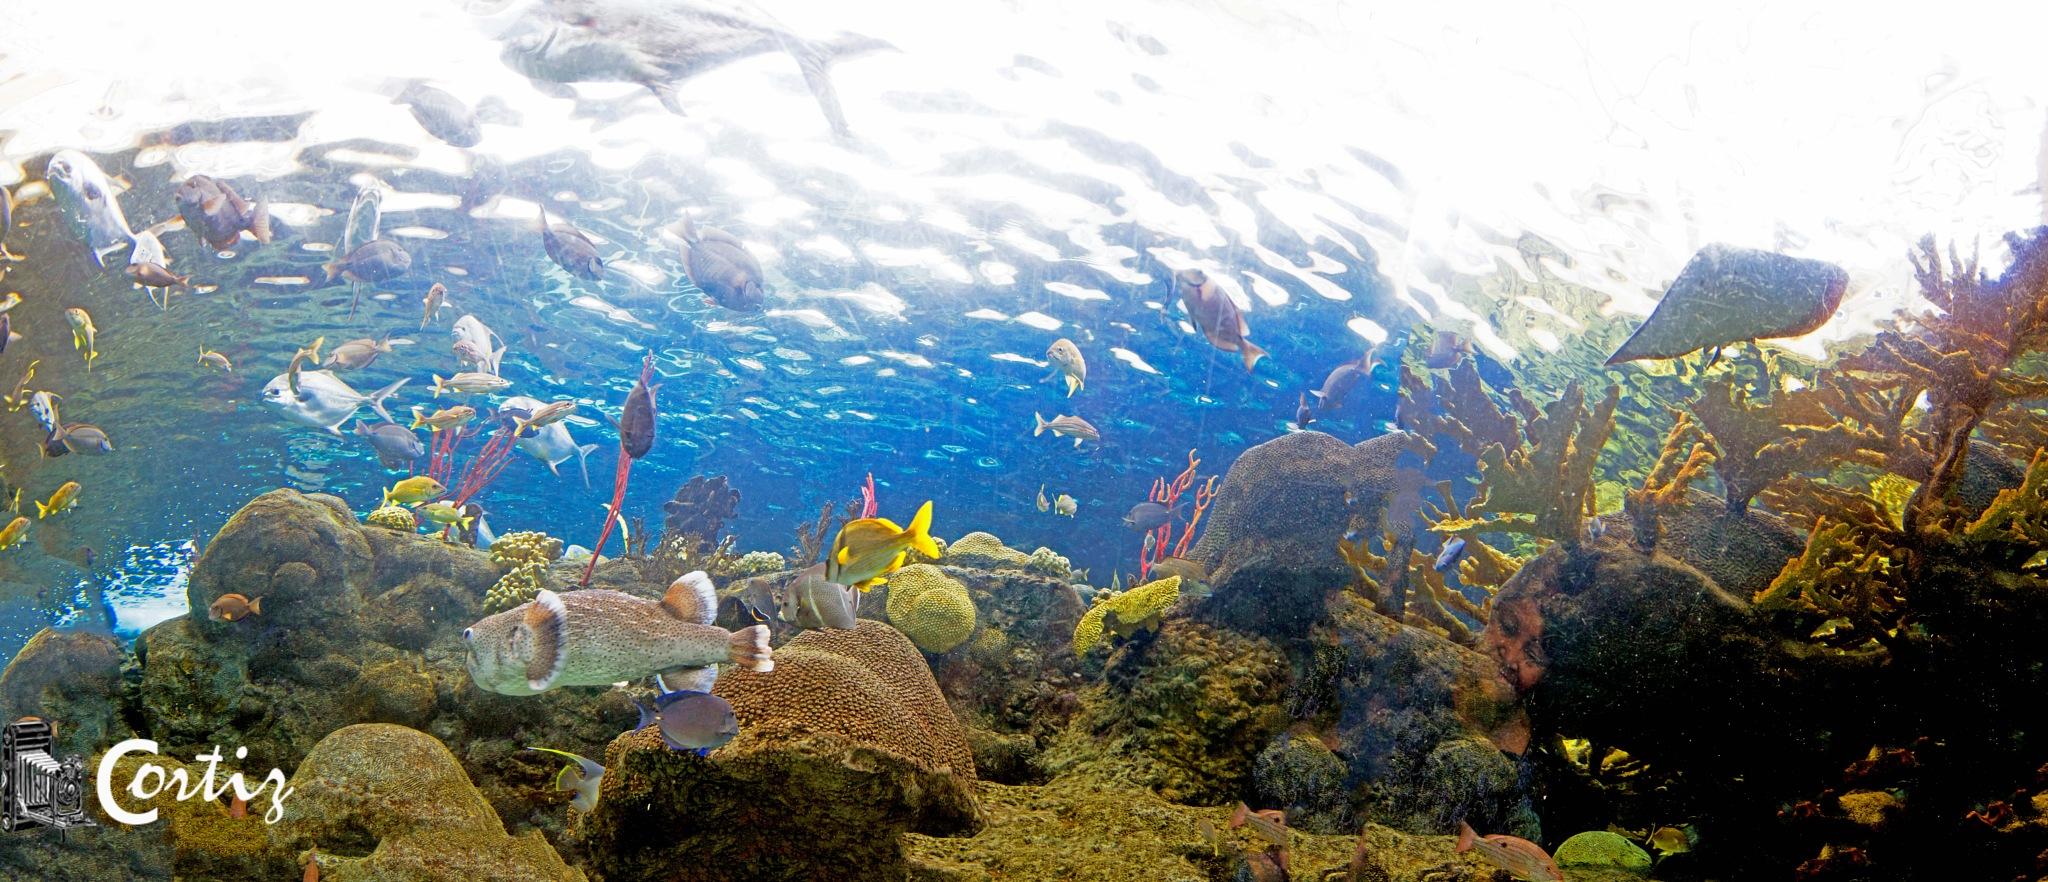 Florida Aquarium  by titco62